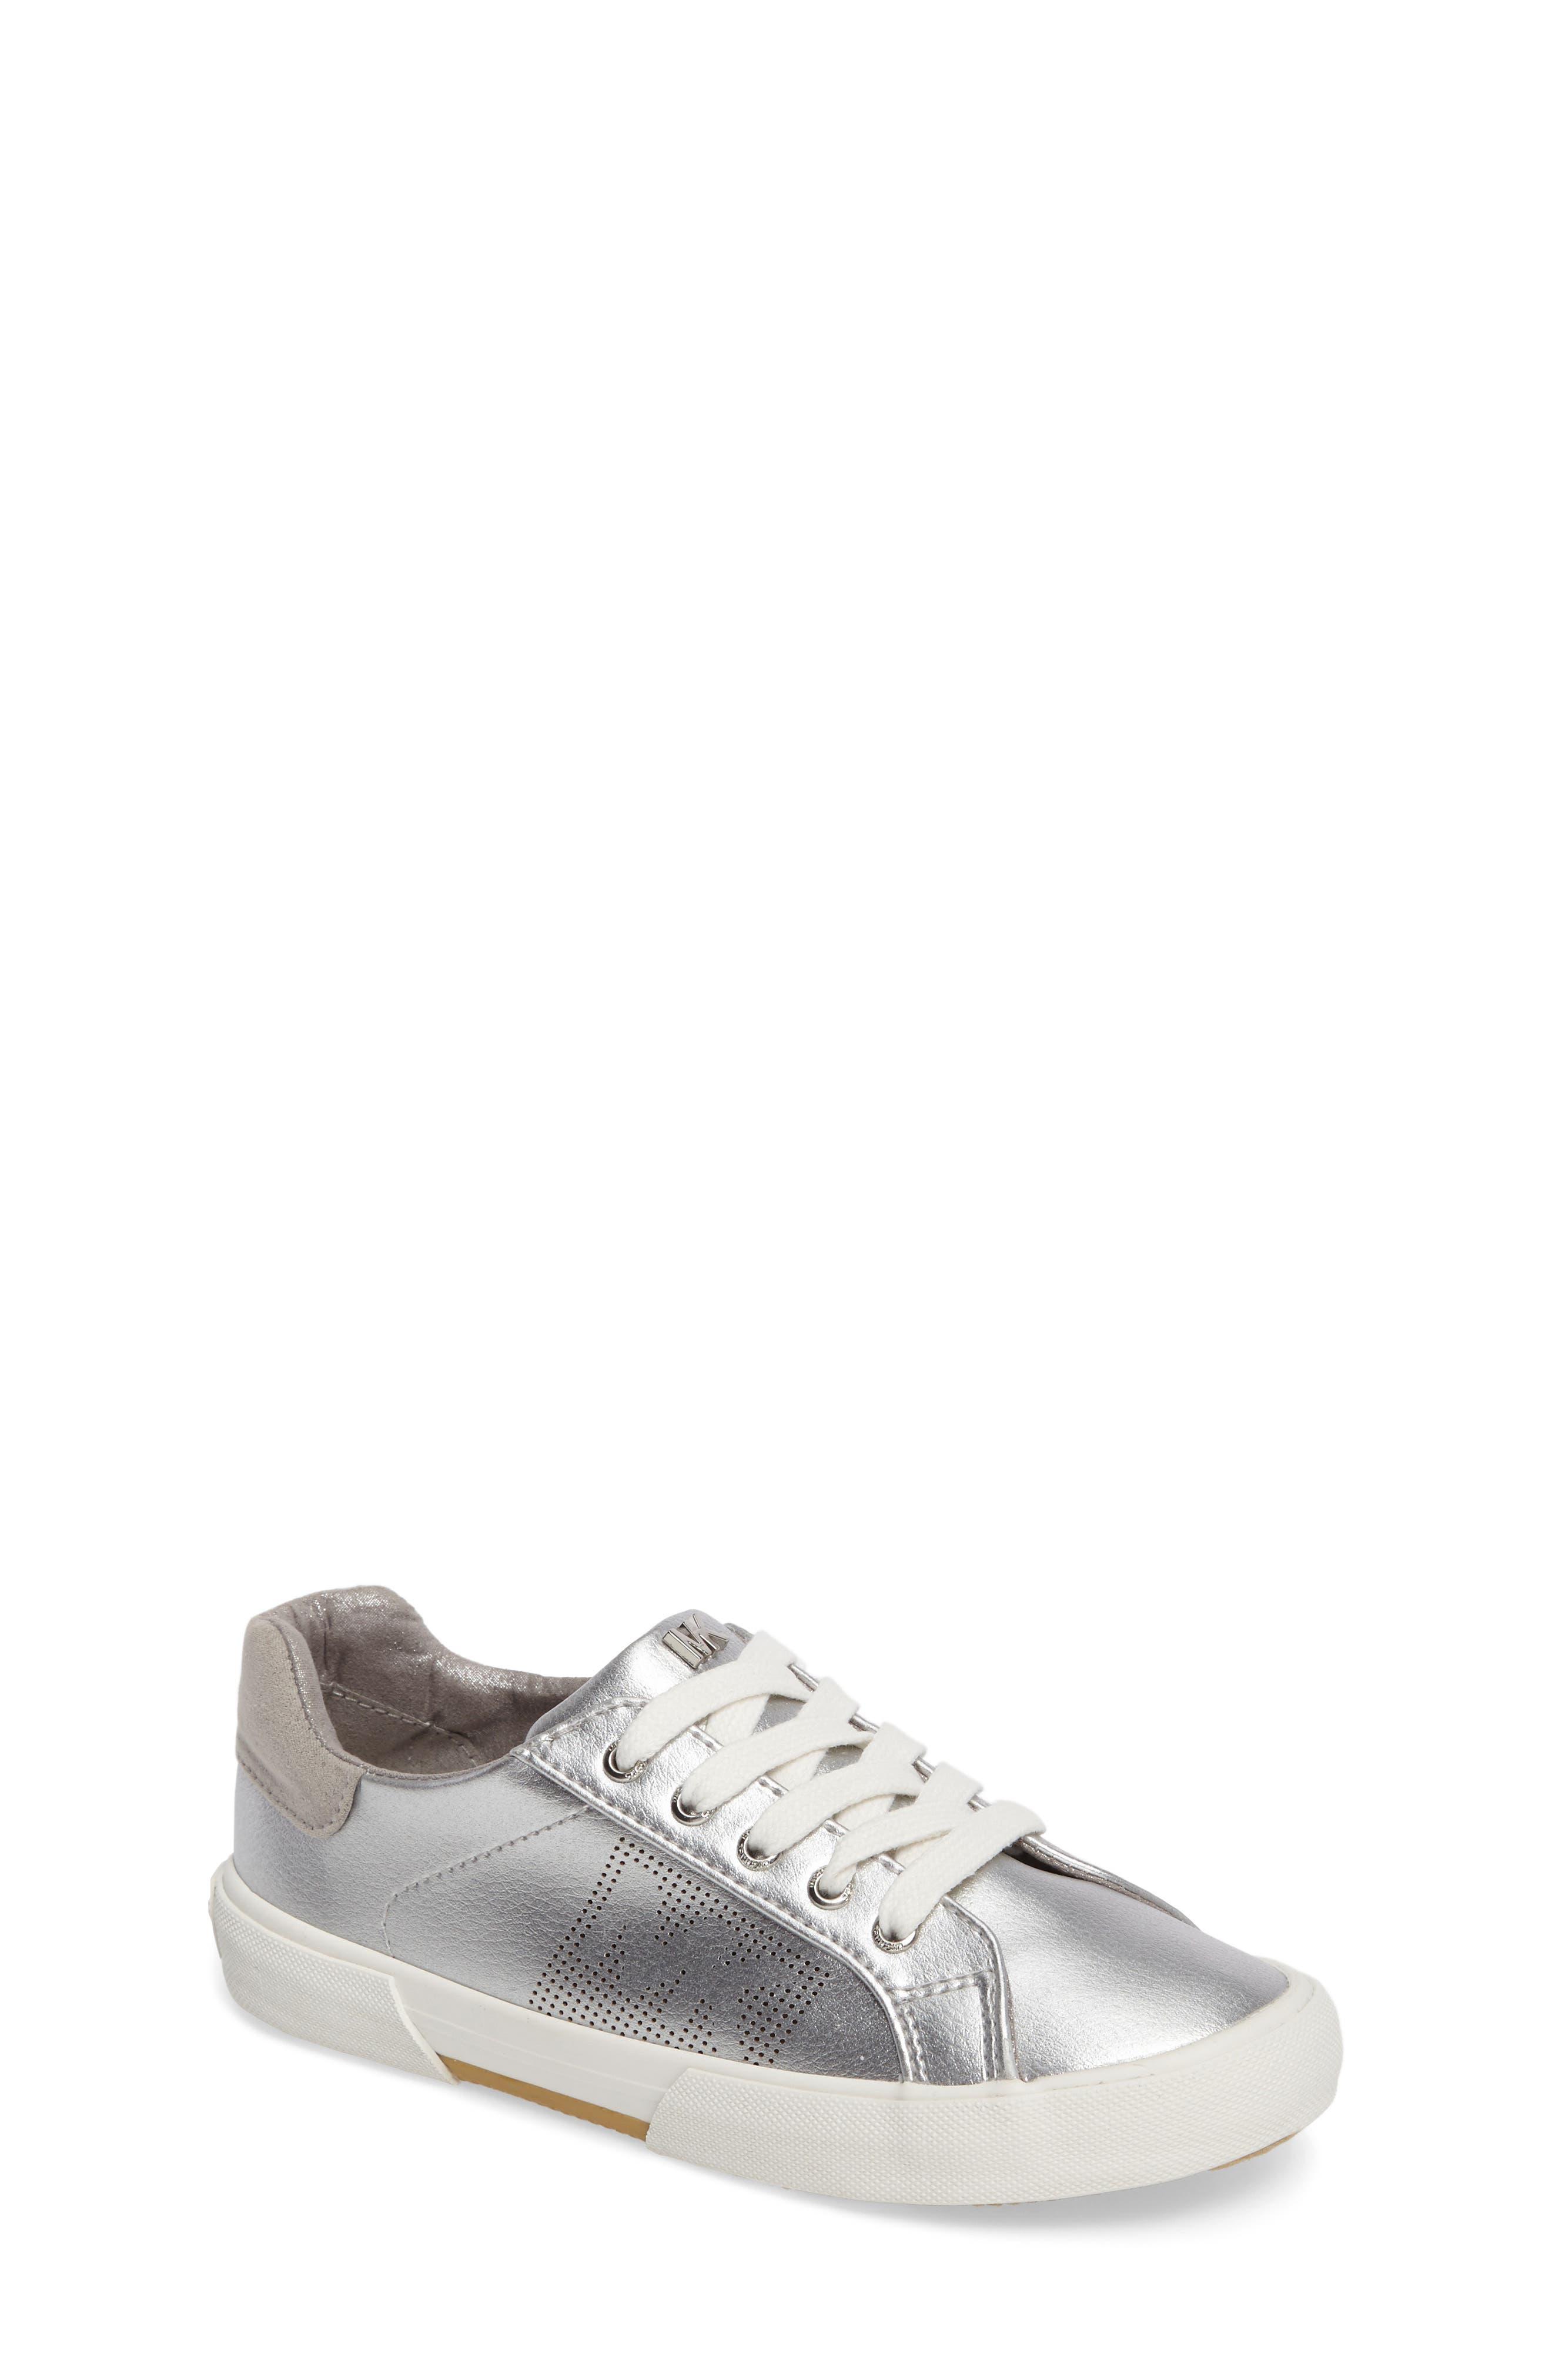 Ima Court Sneaker,                         Main,                         color, 040